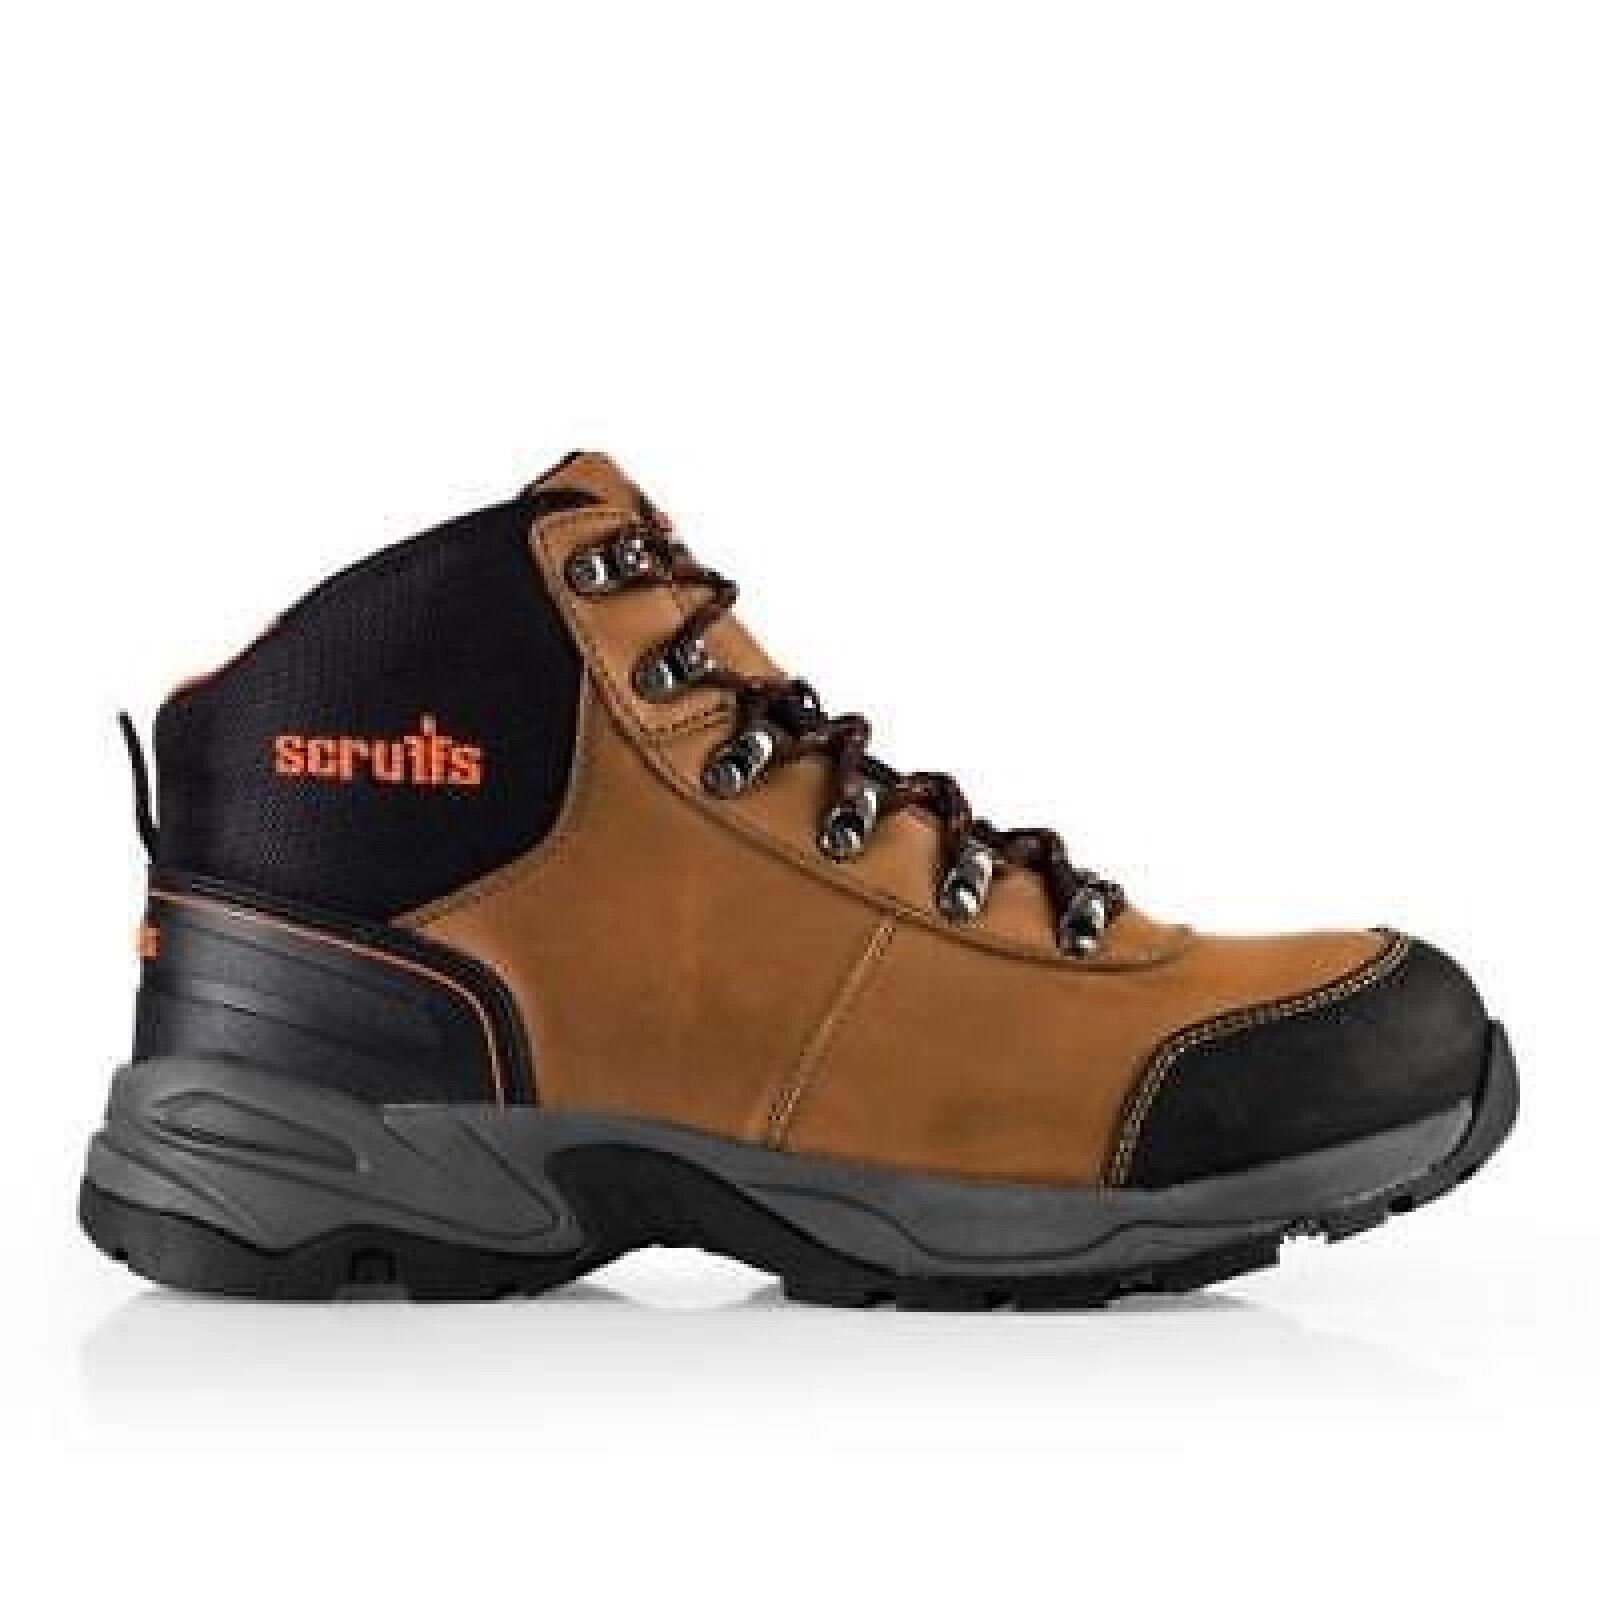 Scruffs anti-graffi Assault Hiker Acciaio Toe/intersuola anti-graffi Scruffs sulla sicurezza stivale marrone TG 7-12 5a0f5a